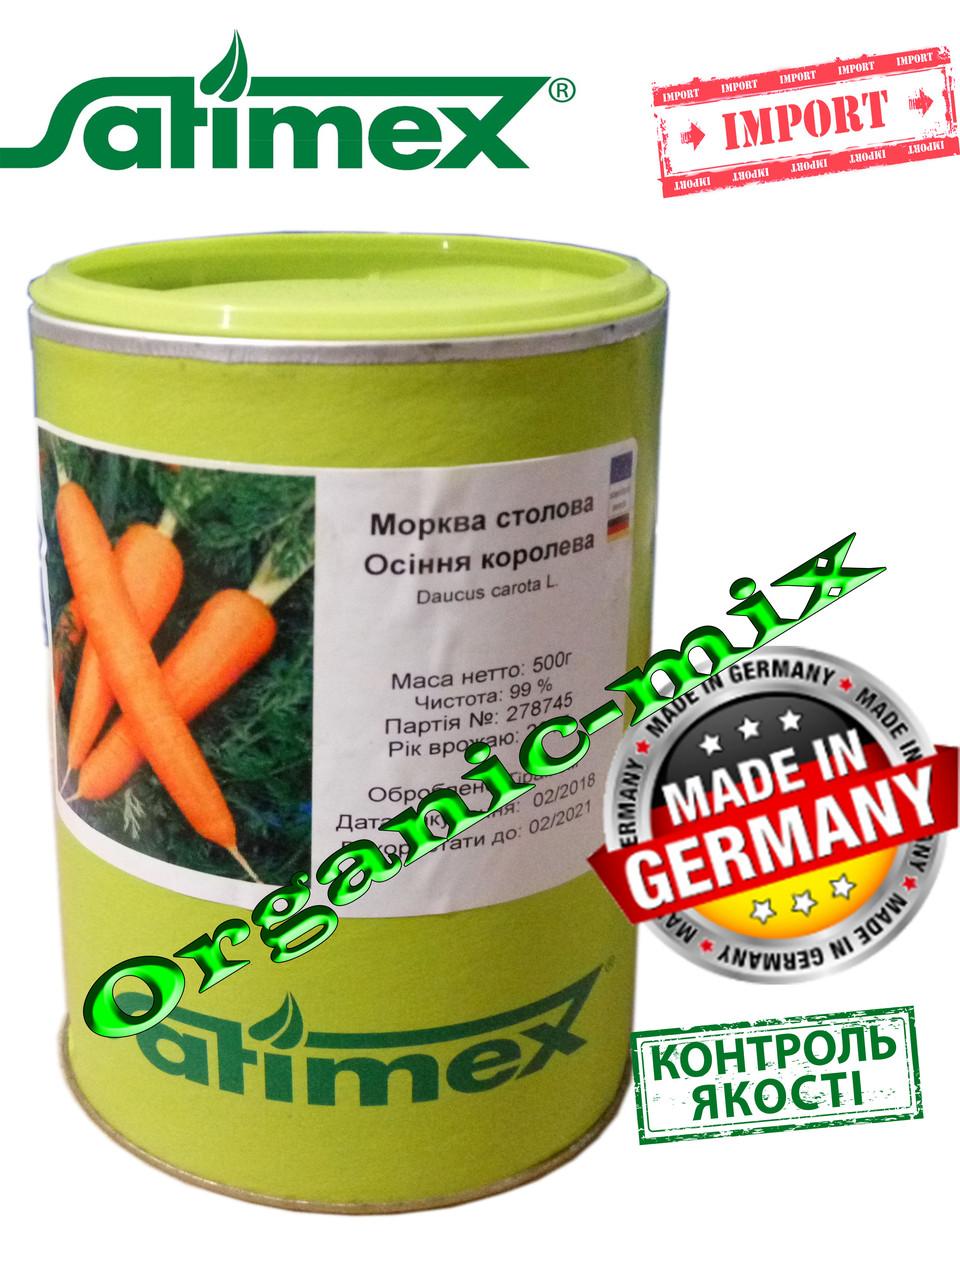 Морковь поздняя ОСЕННЯЯ КОРОЛЕВА (ТМ SATIMEX, Германия) банка 500 грамм